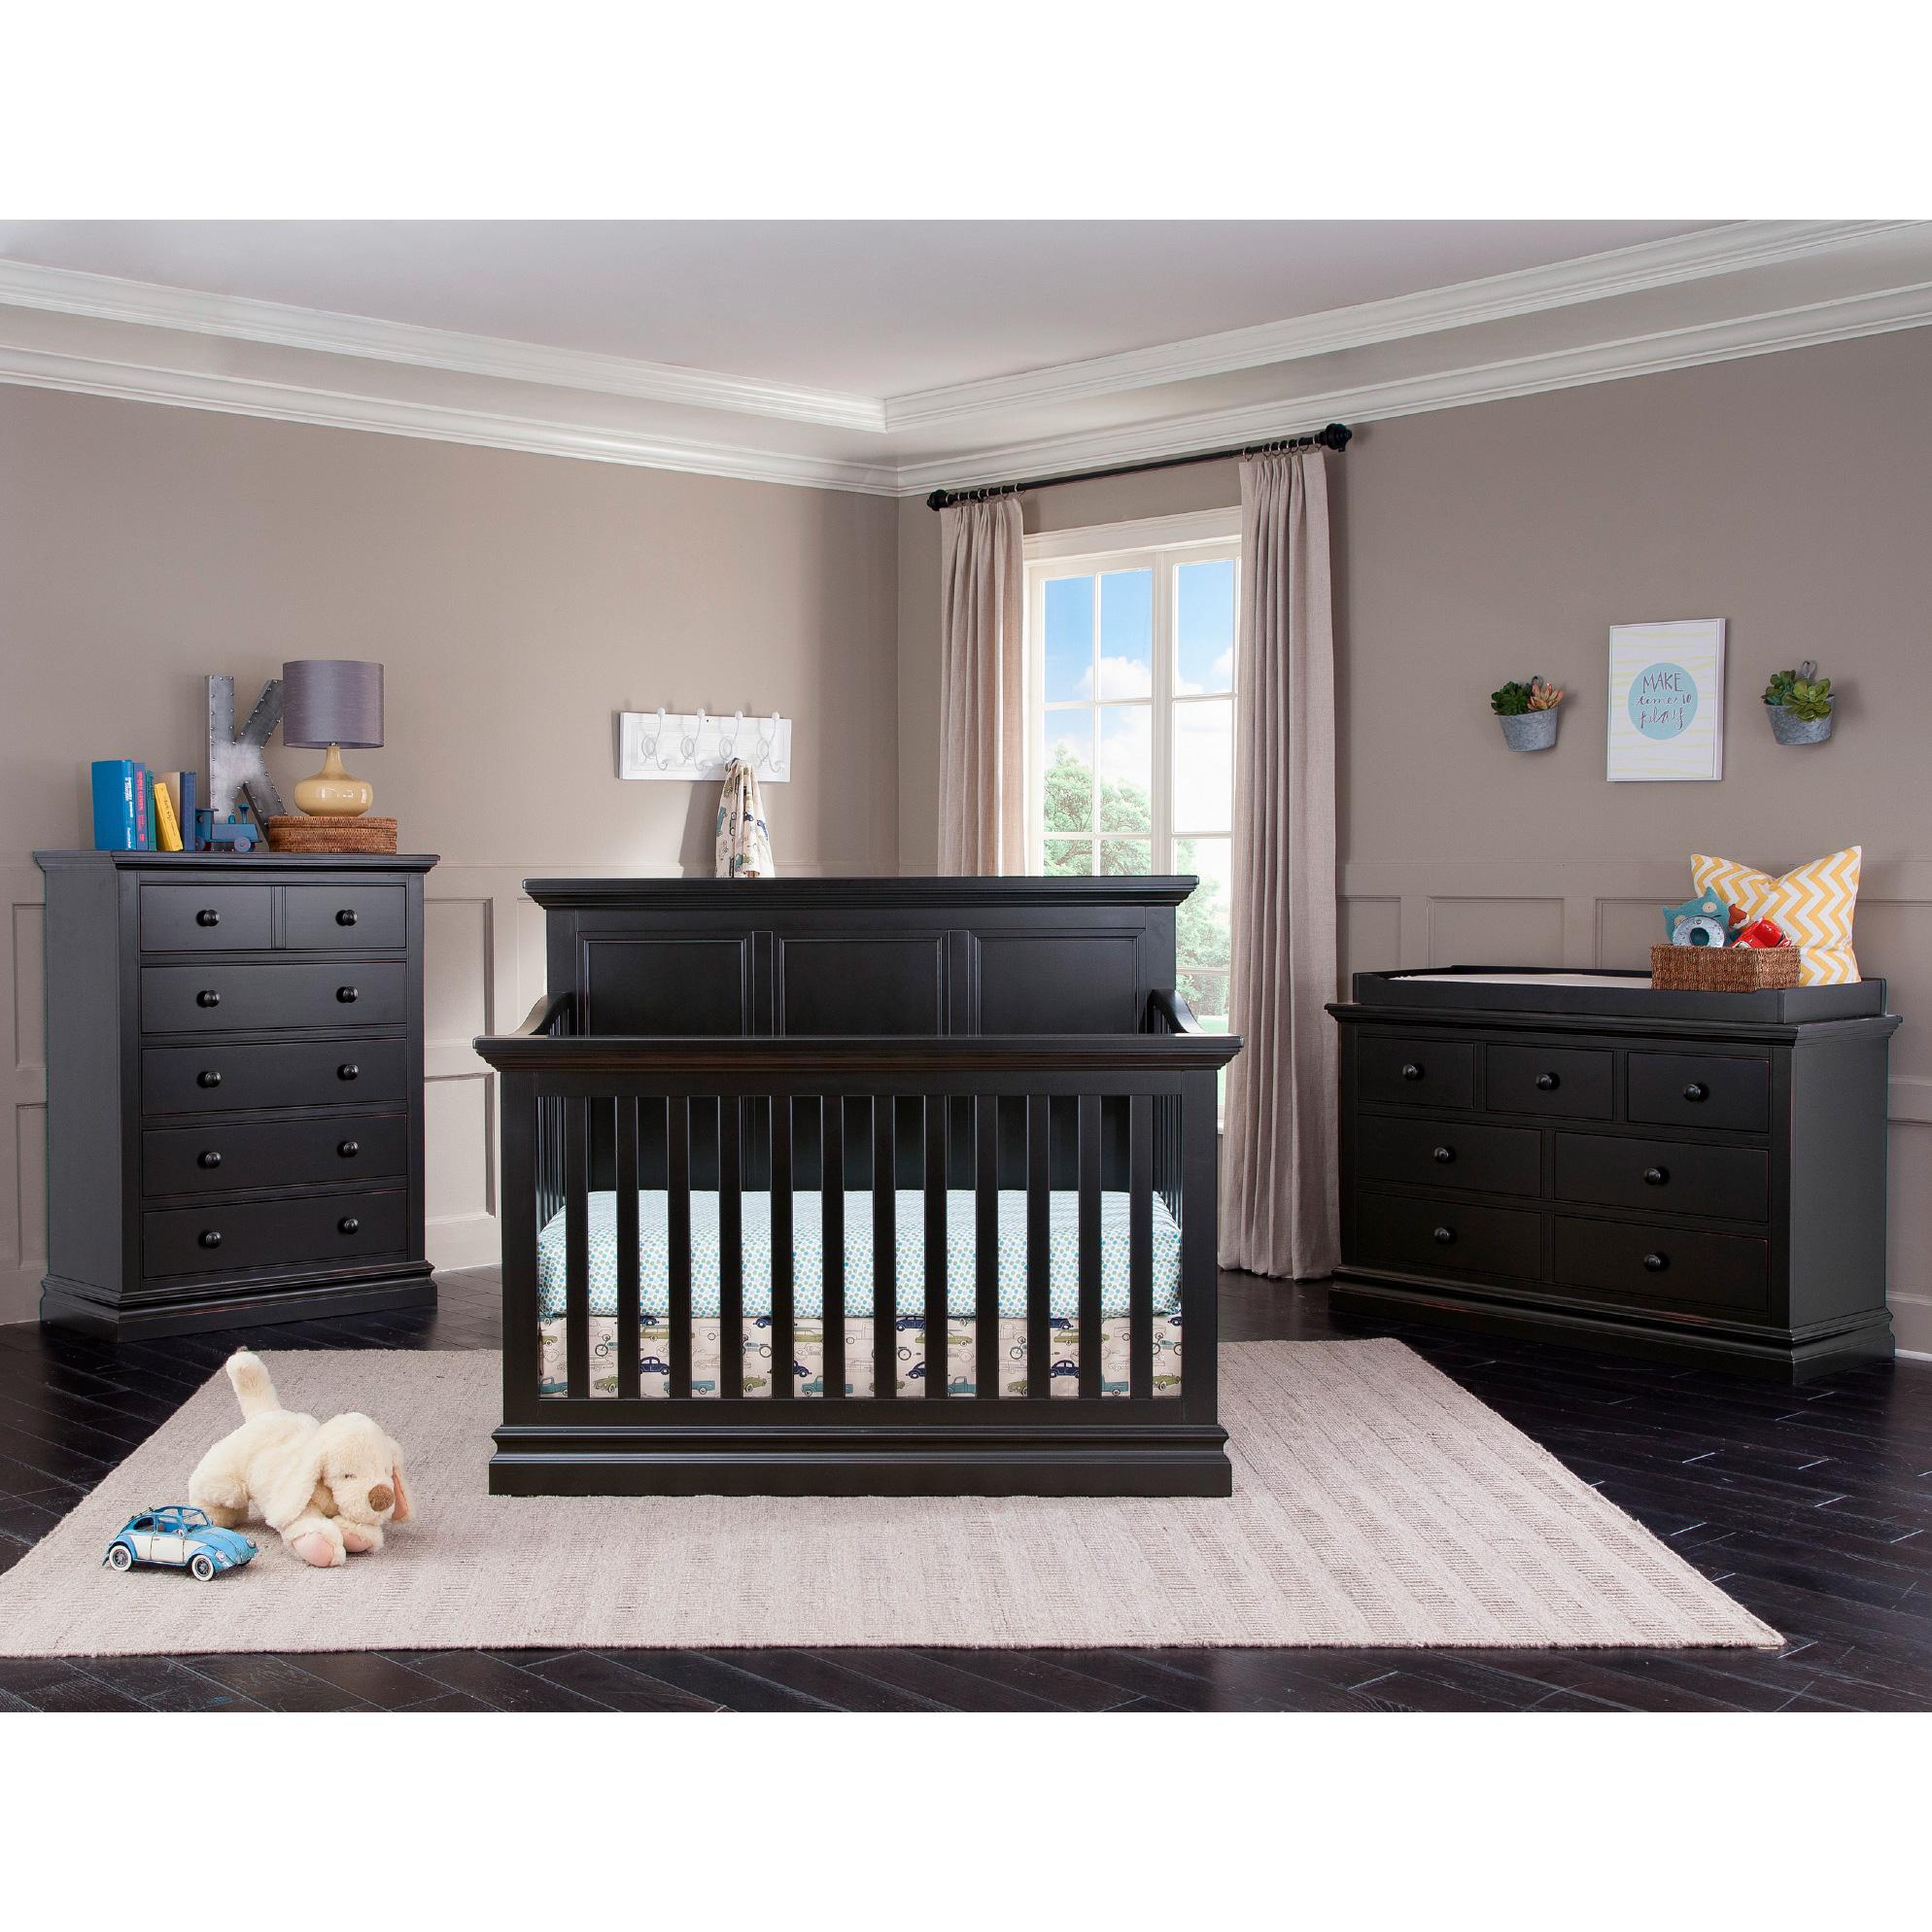 Westwood Design | Pine Ridge Black Crib